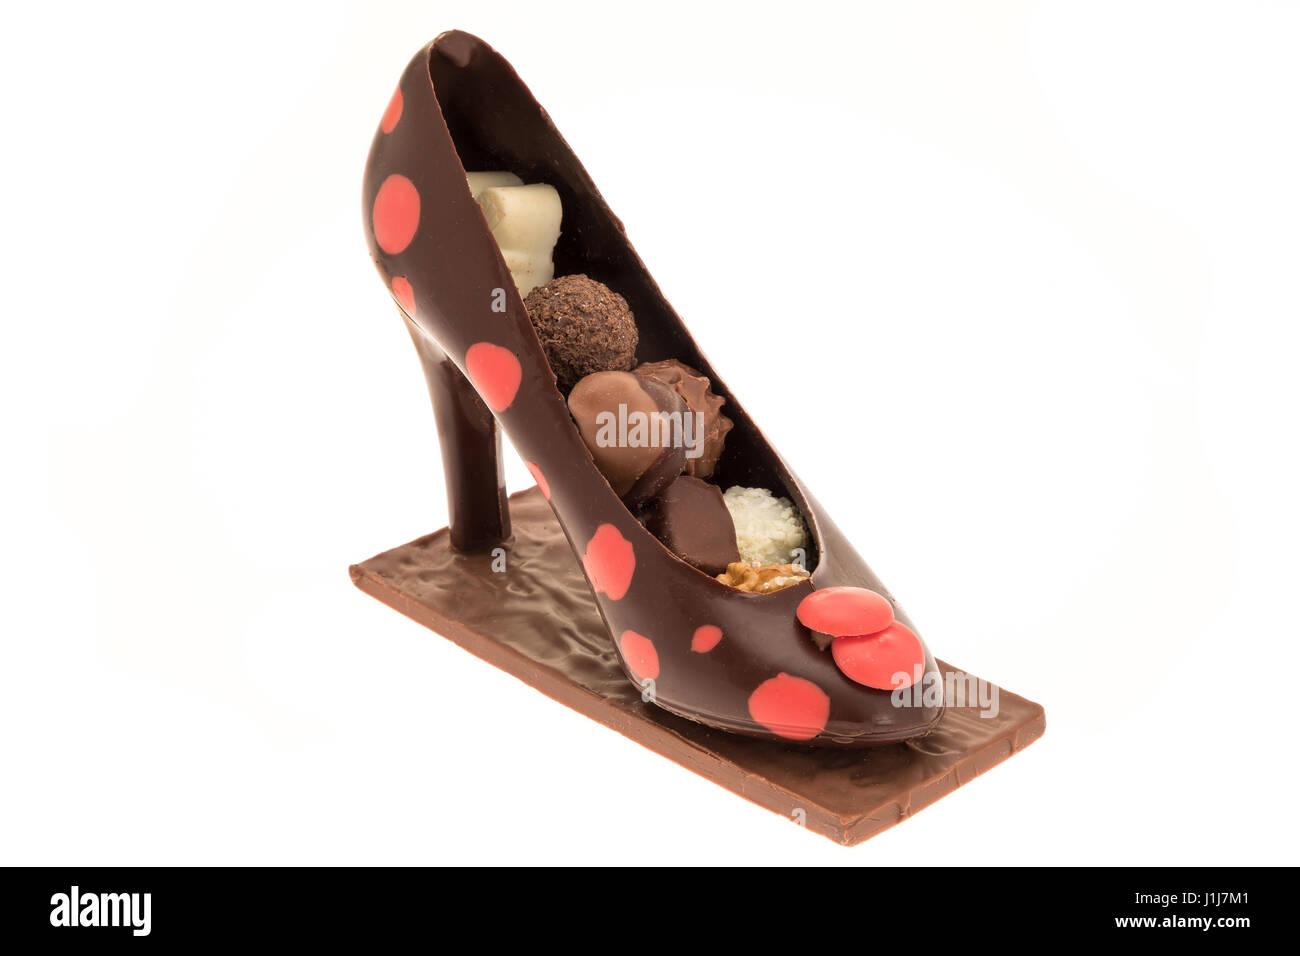 Señoras chocolate zapatos stiletto lleno de chocolates de lujo - fondo  blanco Imagen De Stock b007fad3f408